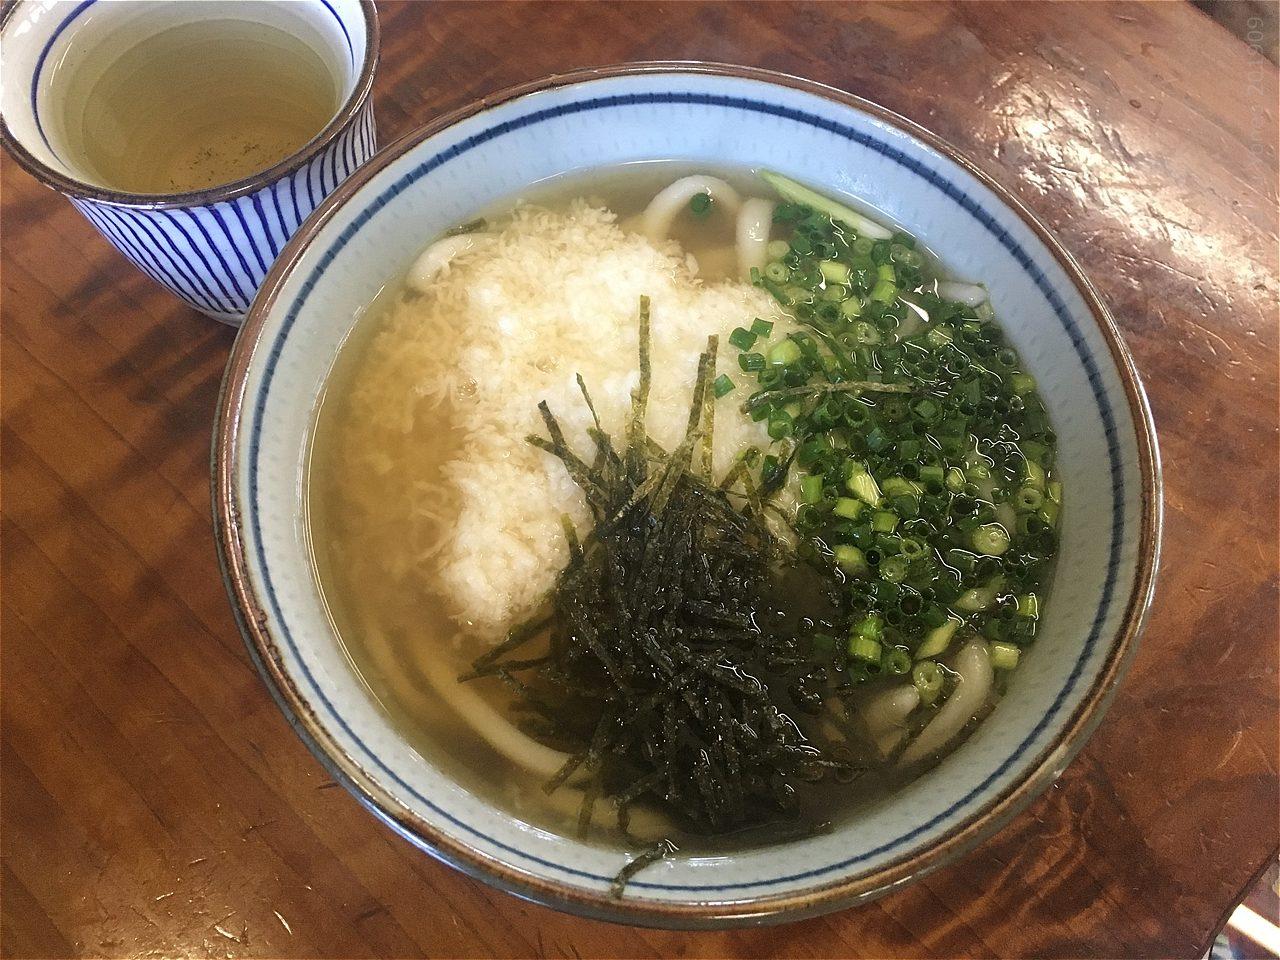 忠太郎茶屋の山かけうどん(山芋うどん)